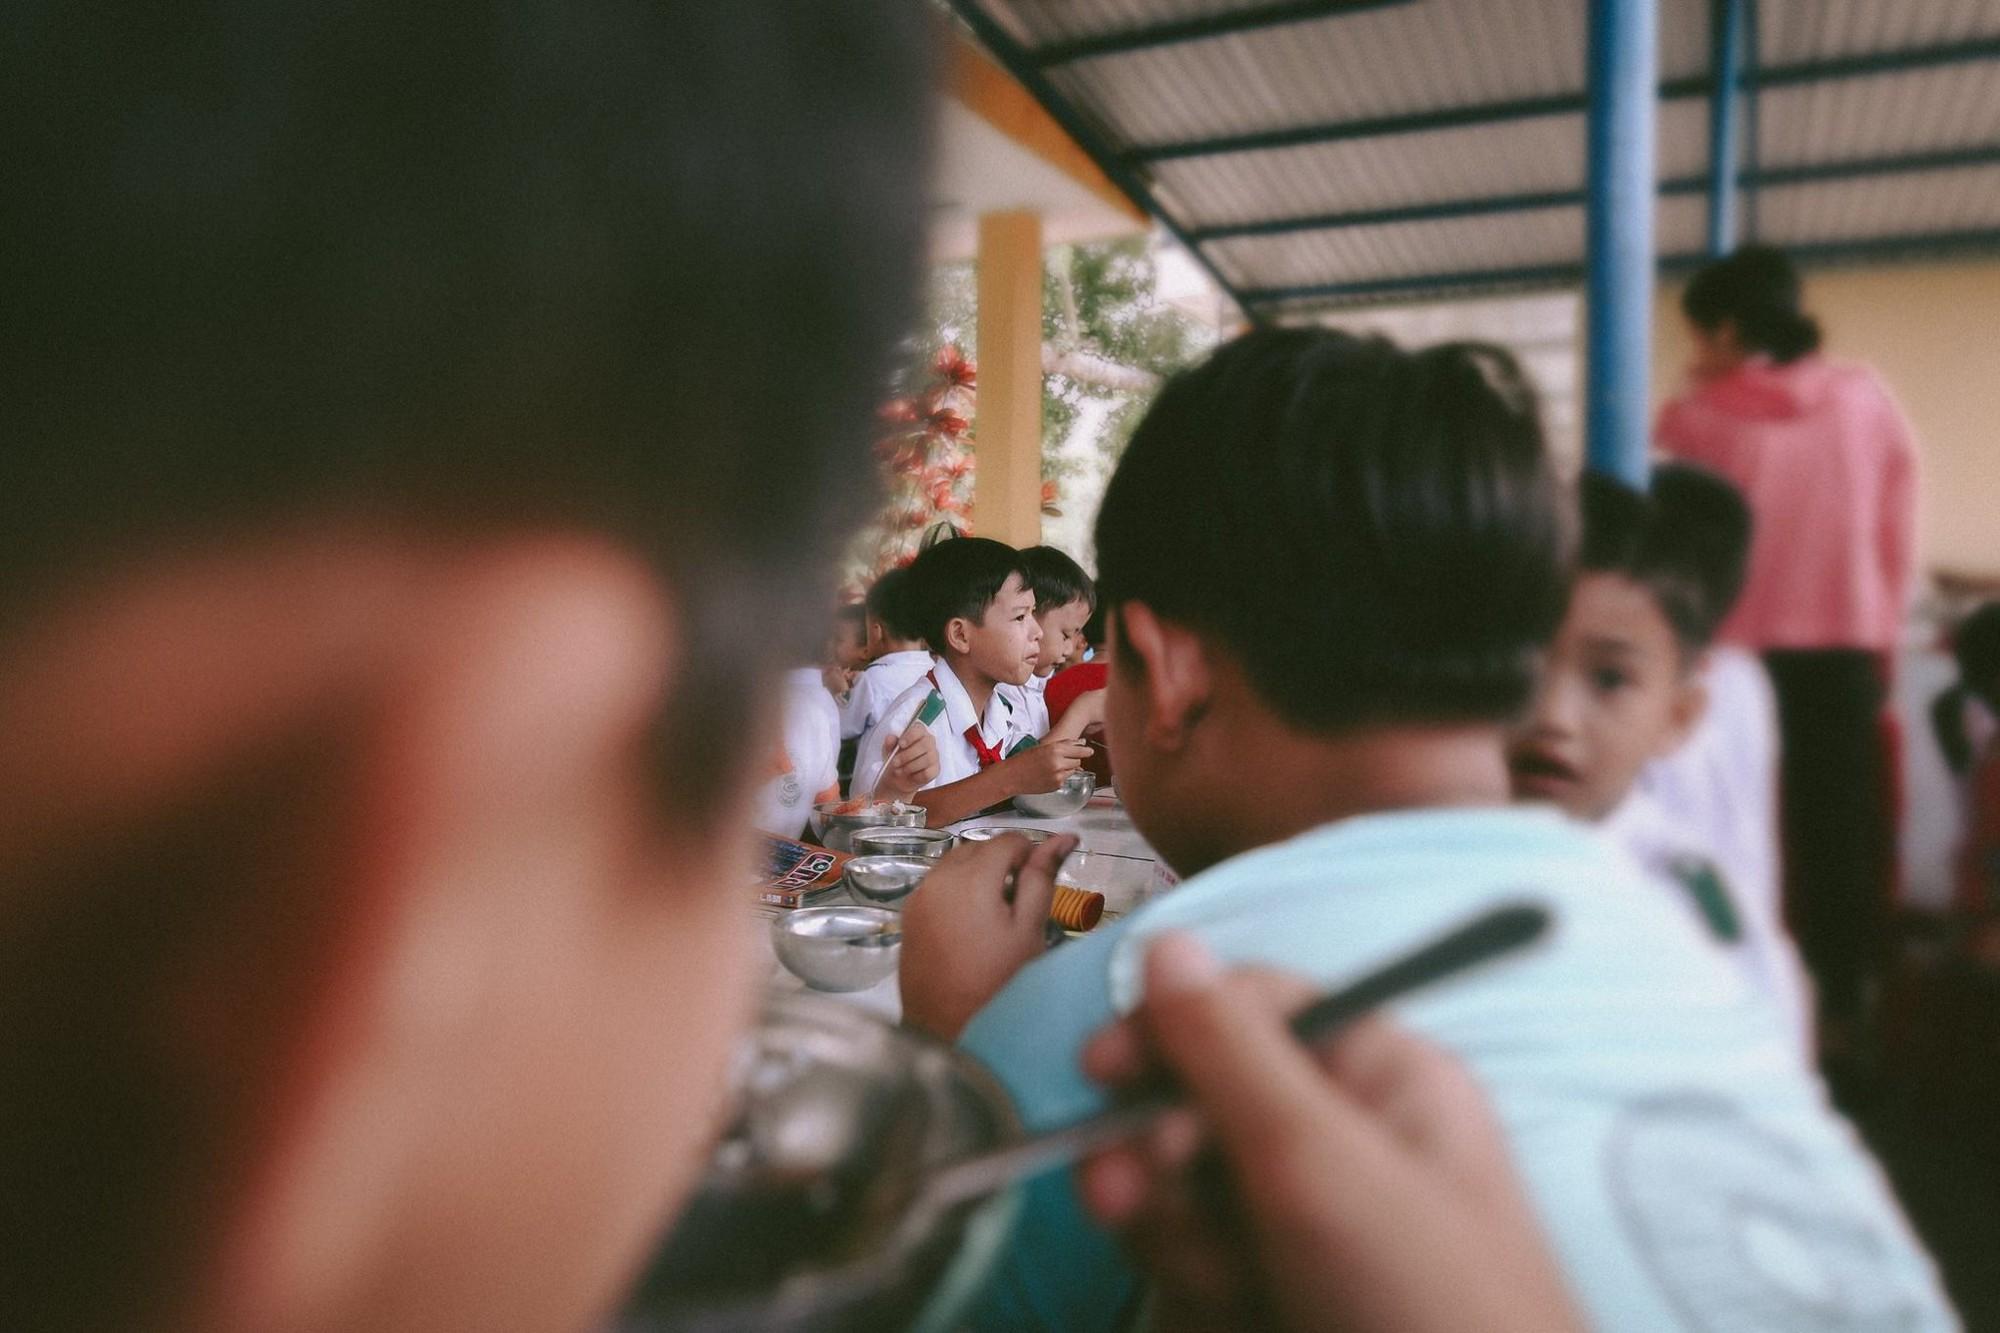 Bộ ảnh xúc động về cậu bé mồ côi ở Quảng Nam tự lập từ năm 12 tuổi, nuôi lợn để được đến trường 6